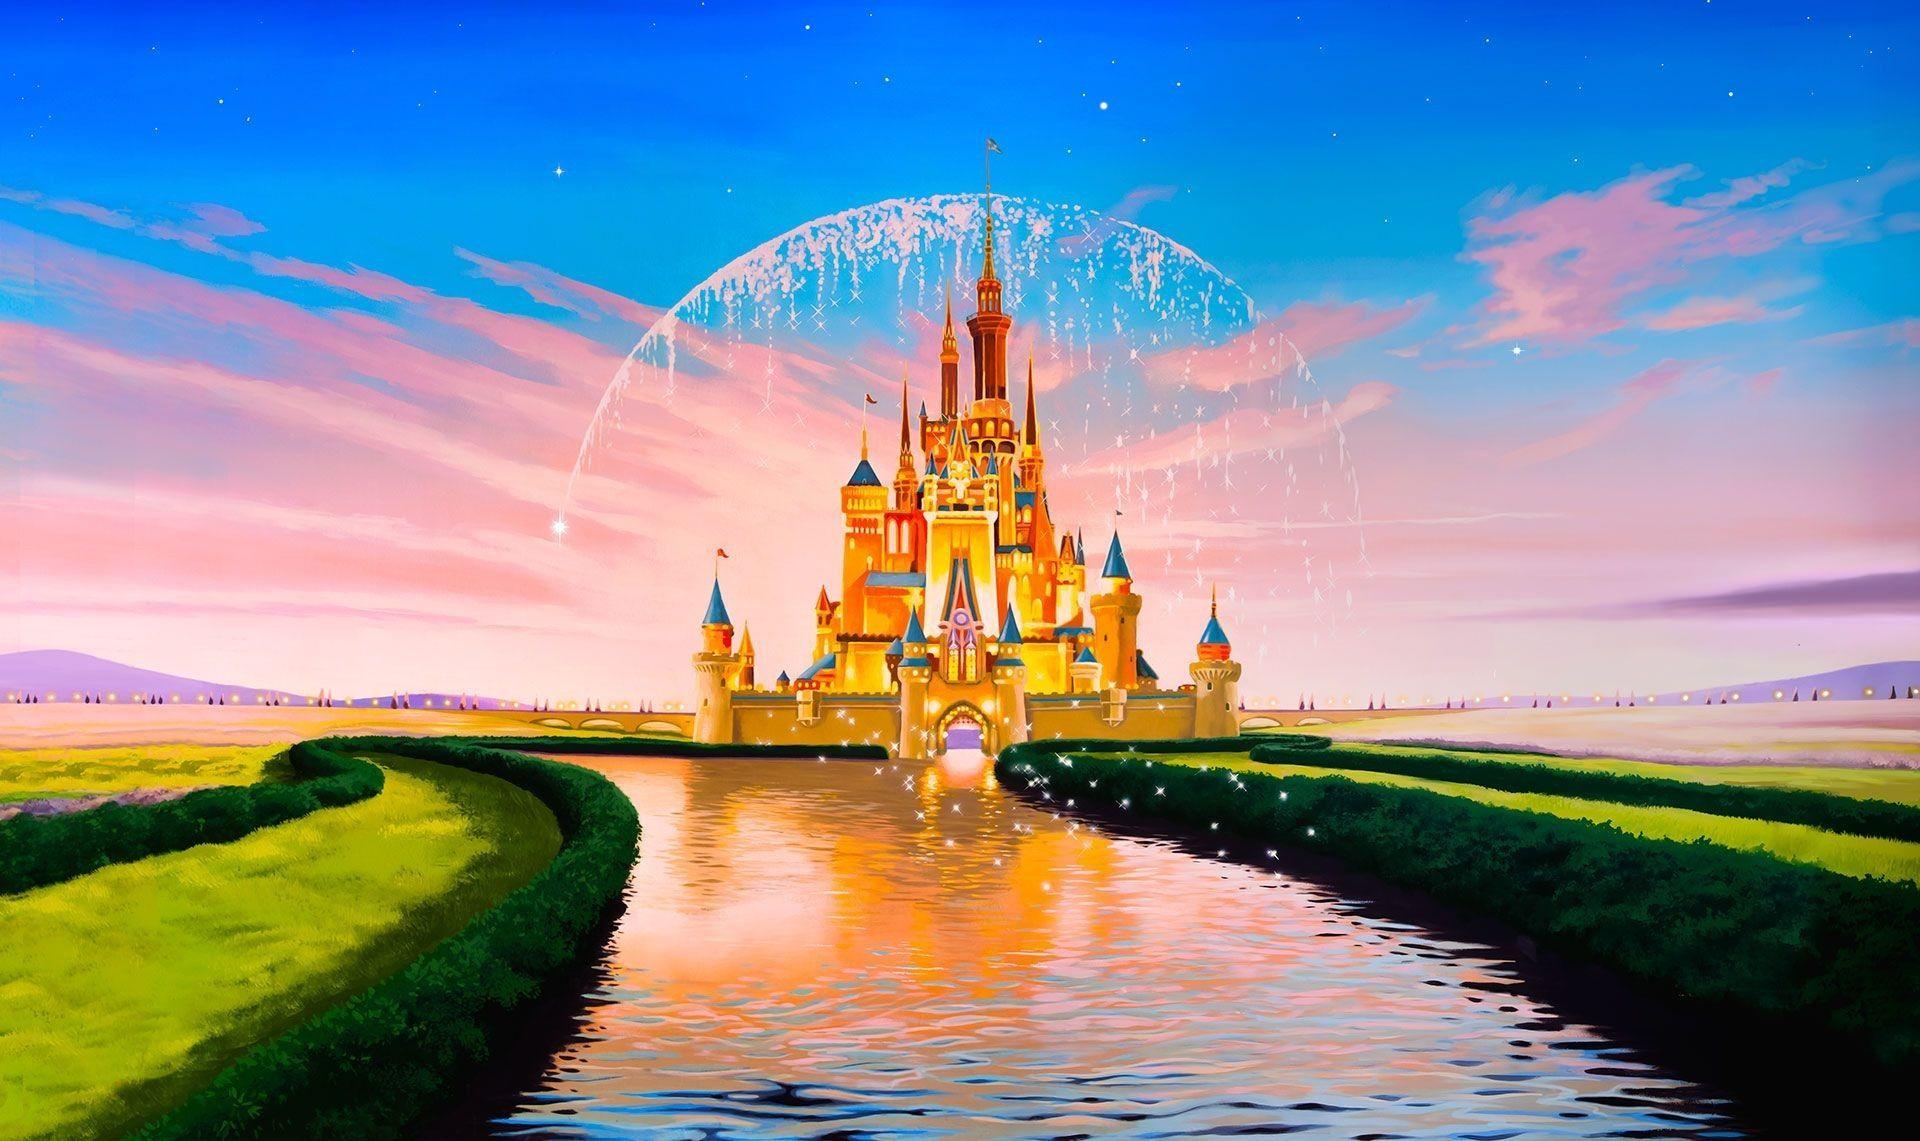 Res 1920x1080 Frozen Cinderella Castle Disney Wallpapers Hd Disney Castle Wallpapers Desktop B Disney Desktop Wallpaper Disney Background Disney Wallpaper